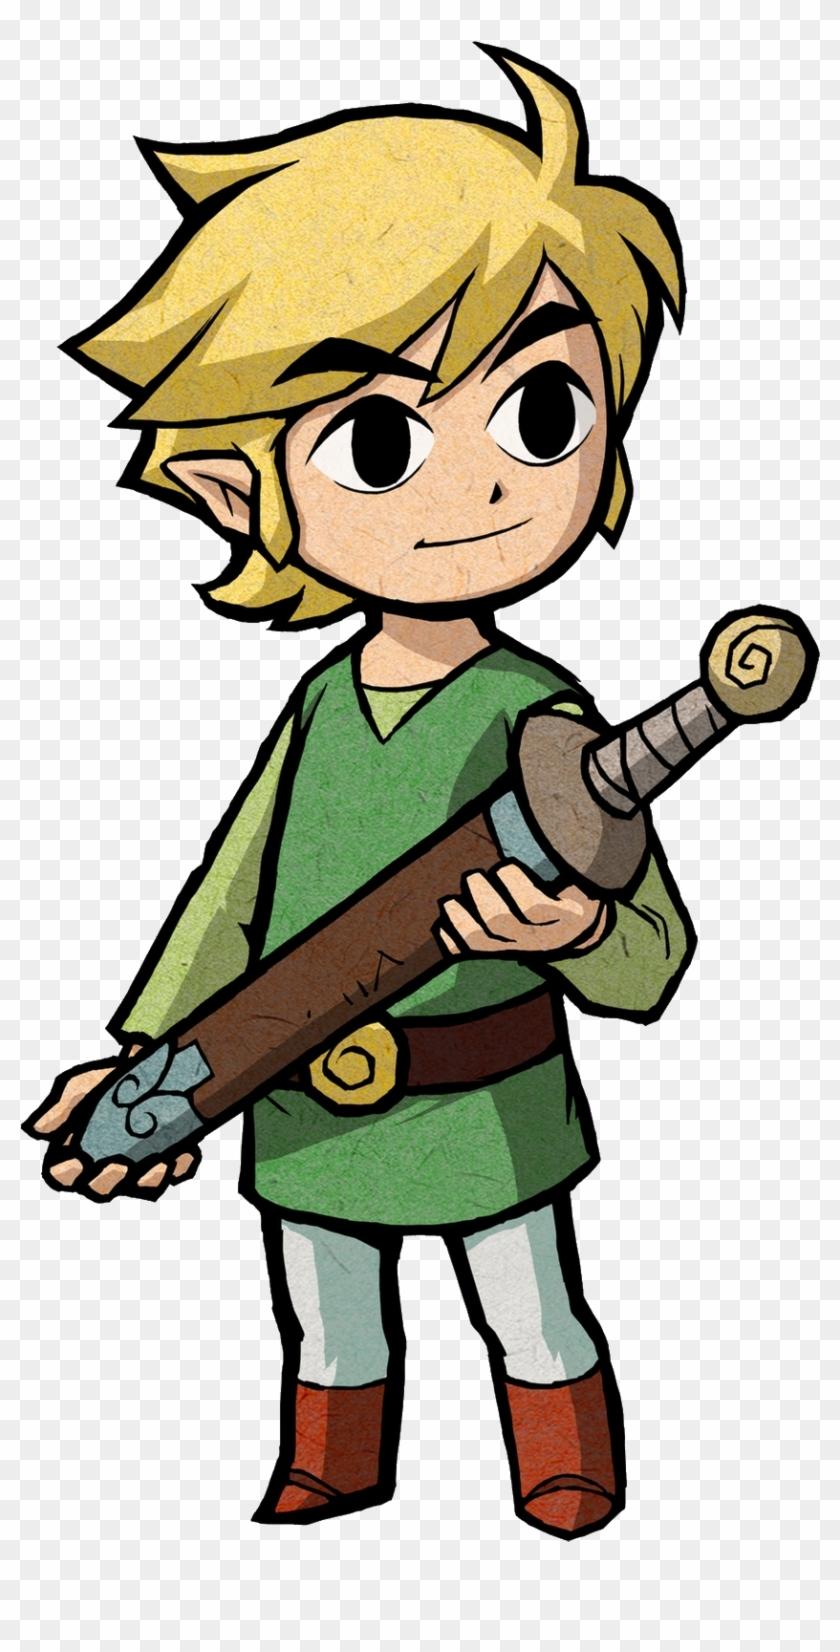 Zelda Clipart Tribal - Legend Of Zelda Link #107766